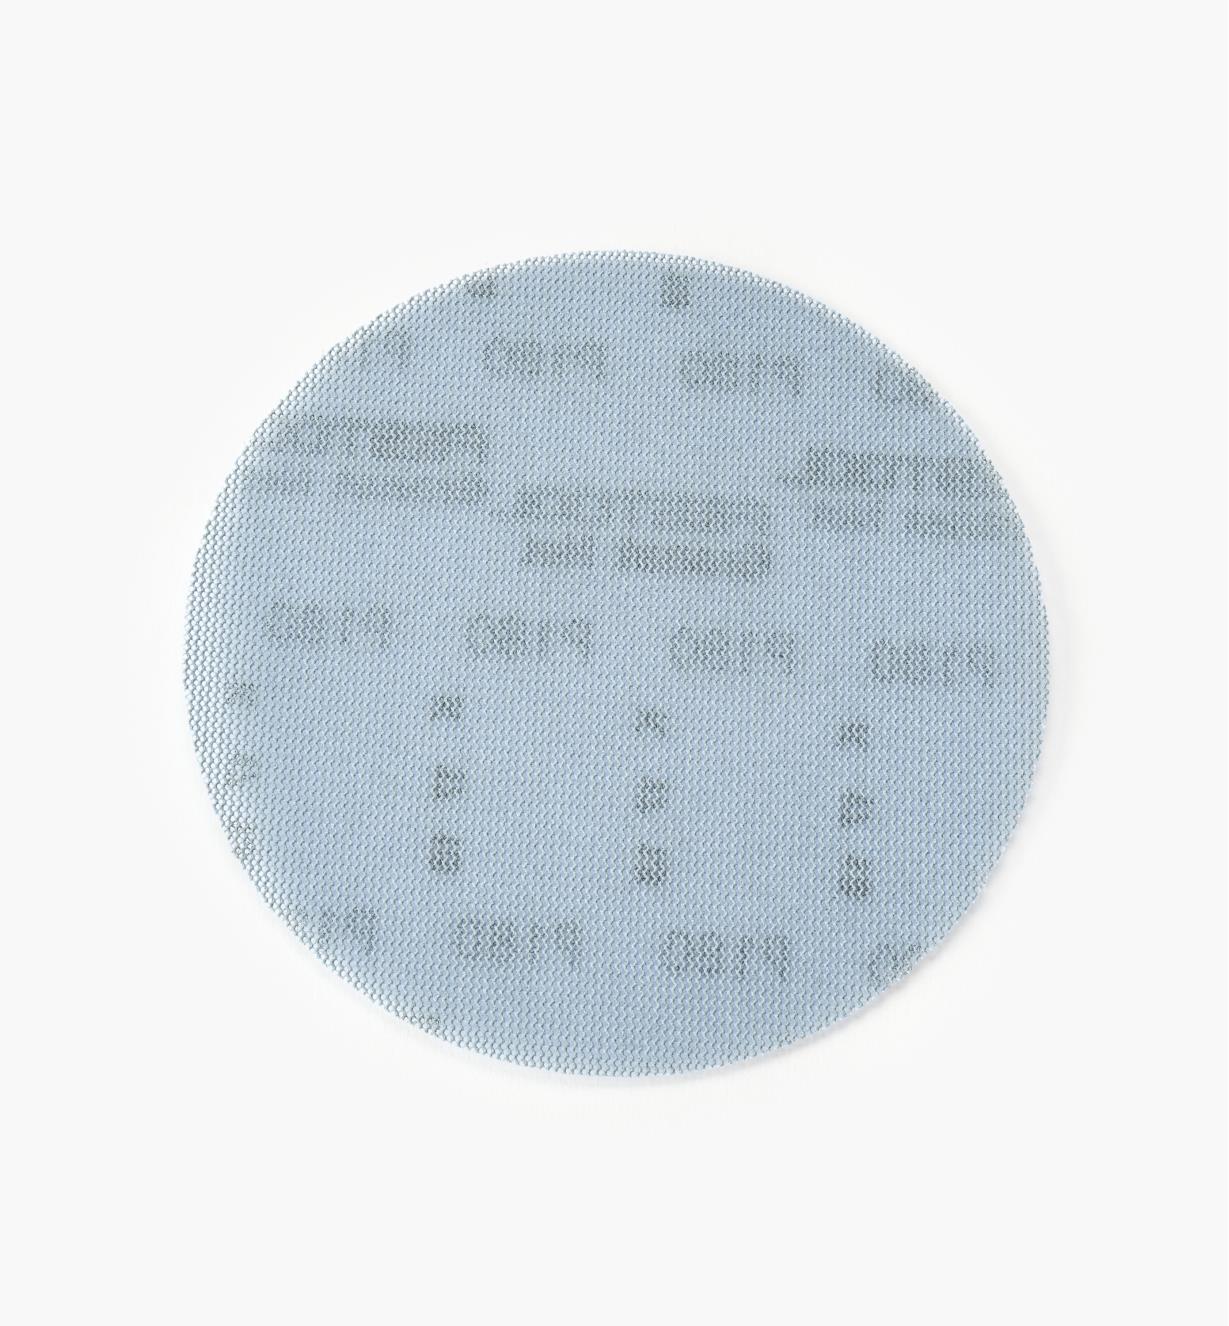 ZA203307 - Granat Net (P 180), Qty. 50